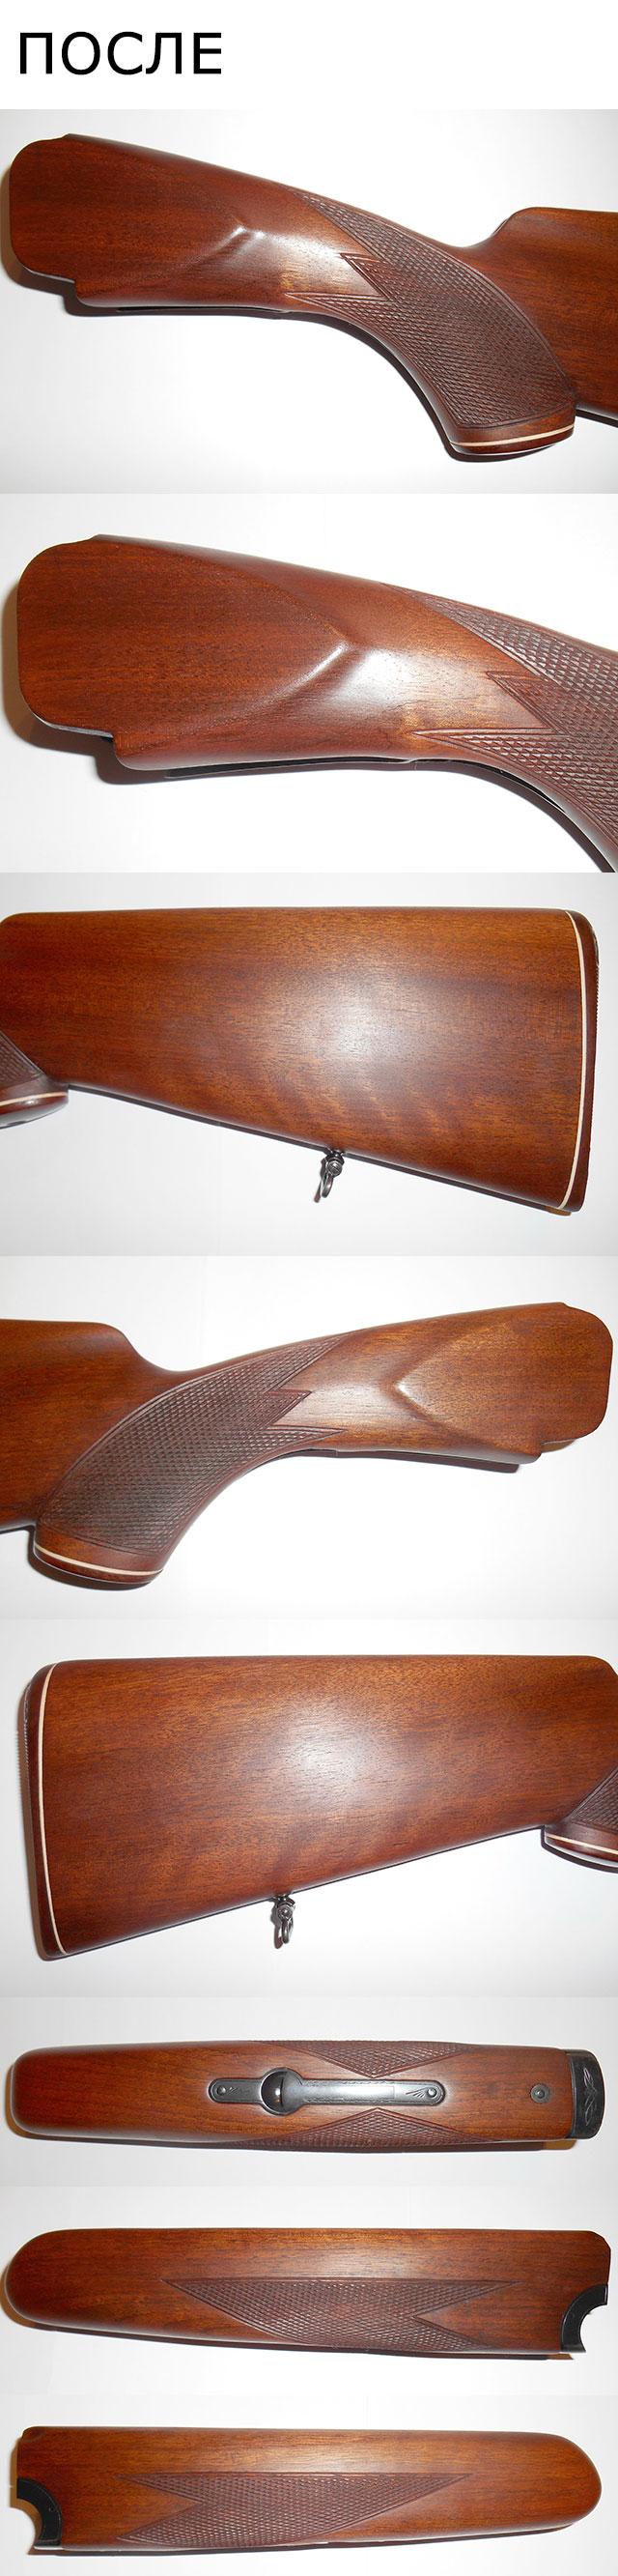 Приклад и цевье ружья ИЖ 12 после реставрации